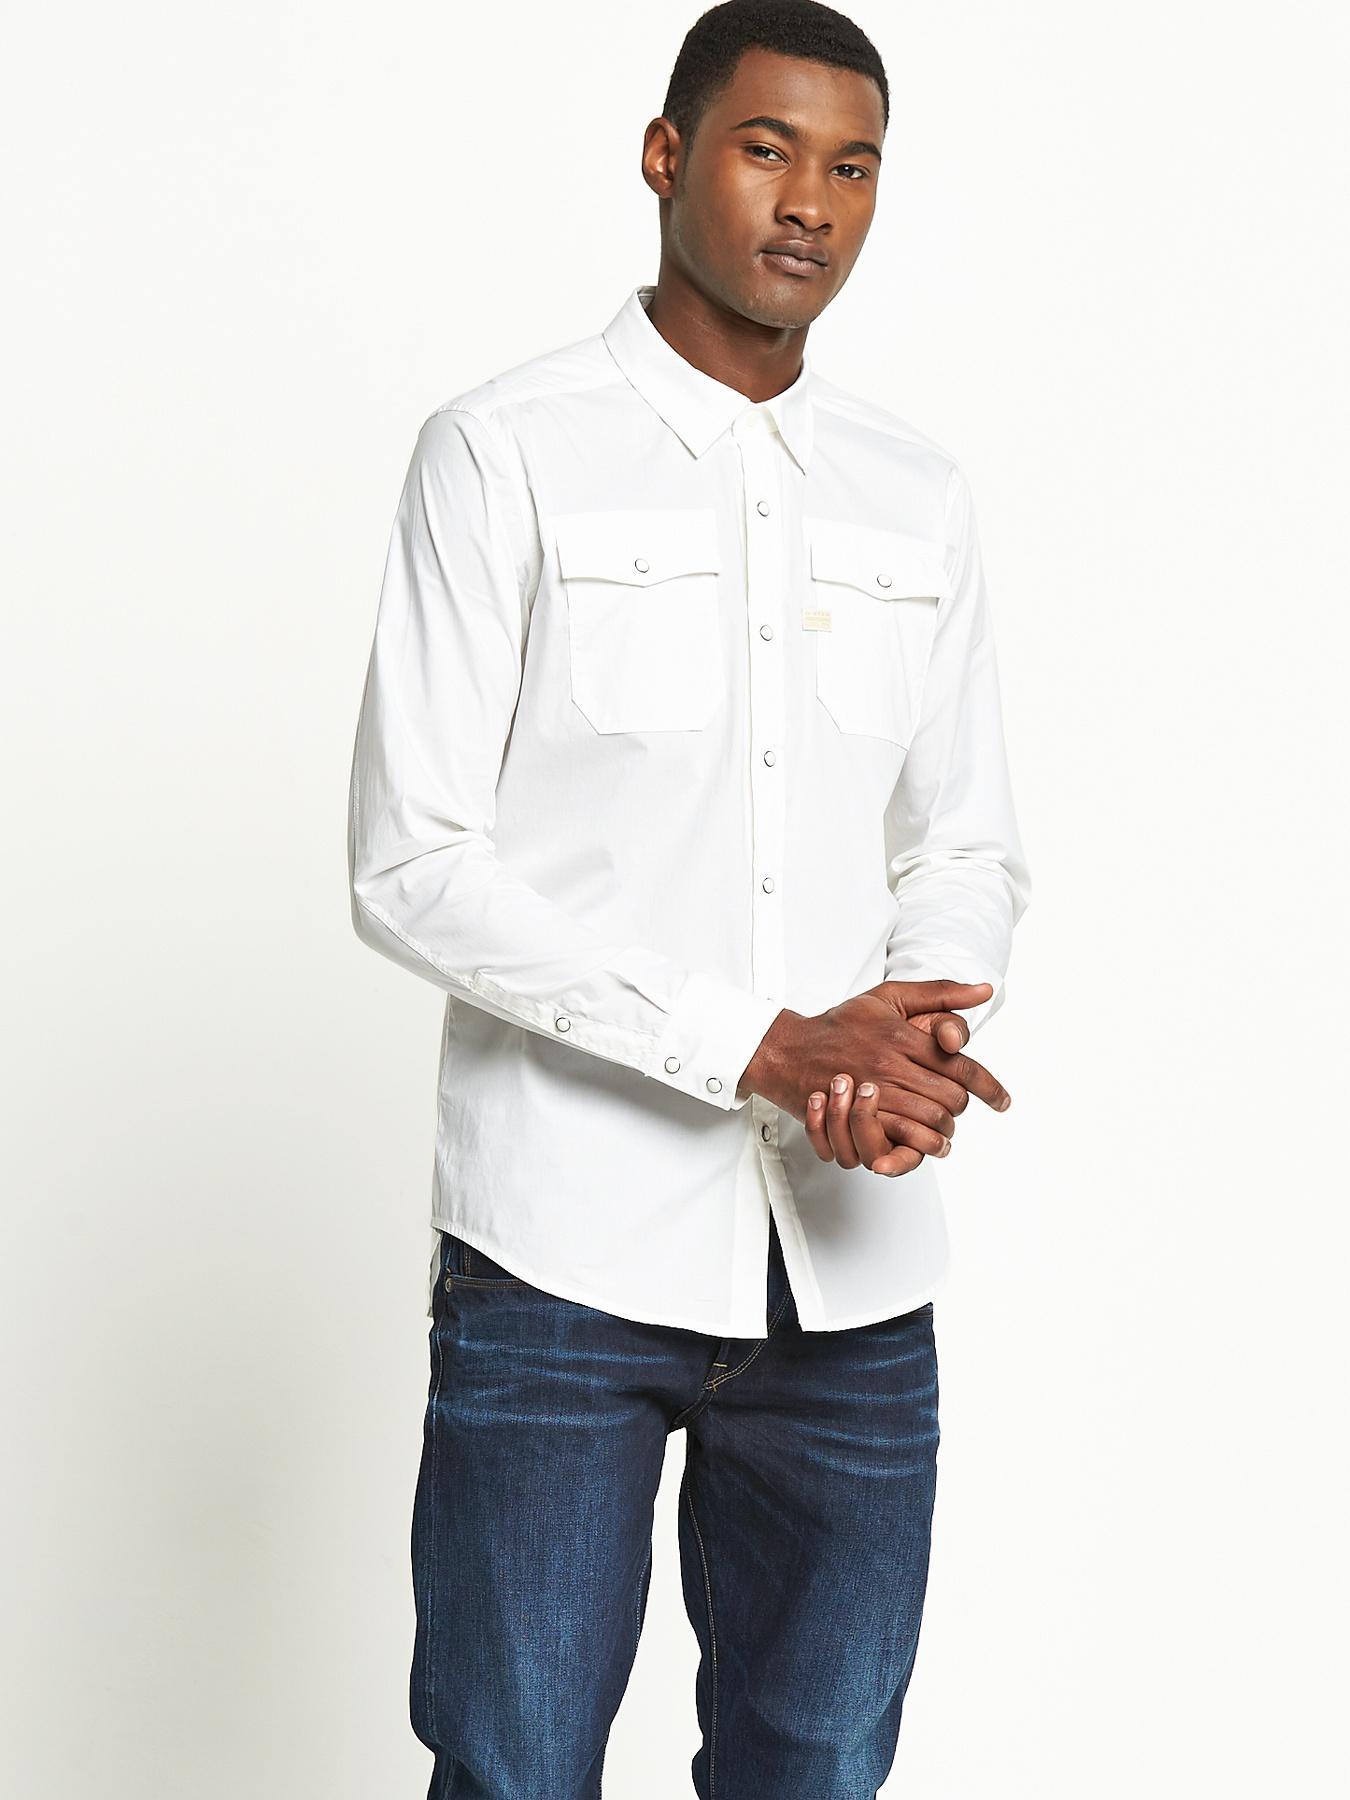 G-Star RAW Mens Landoh Long Sleeved Shirt - White, White